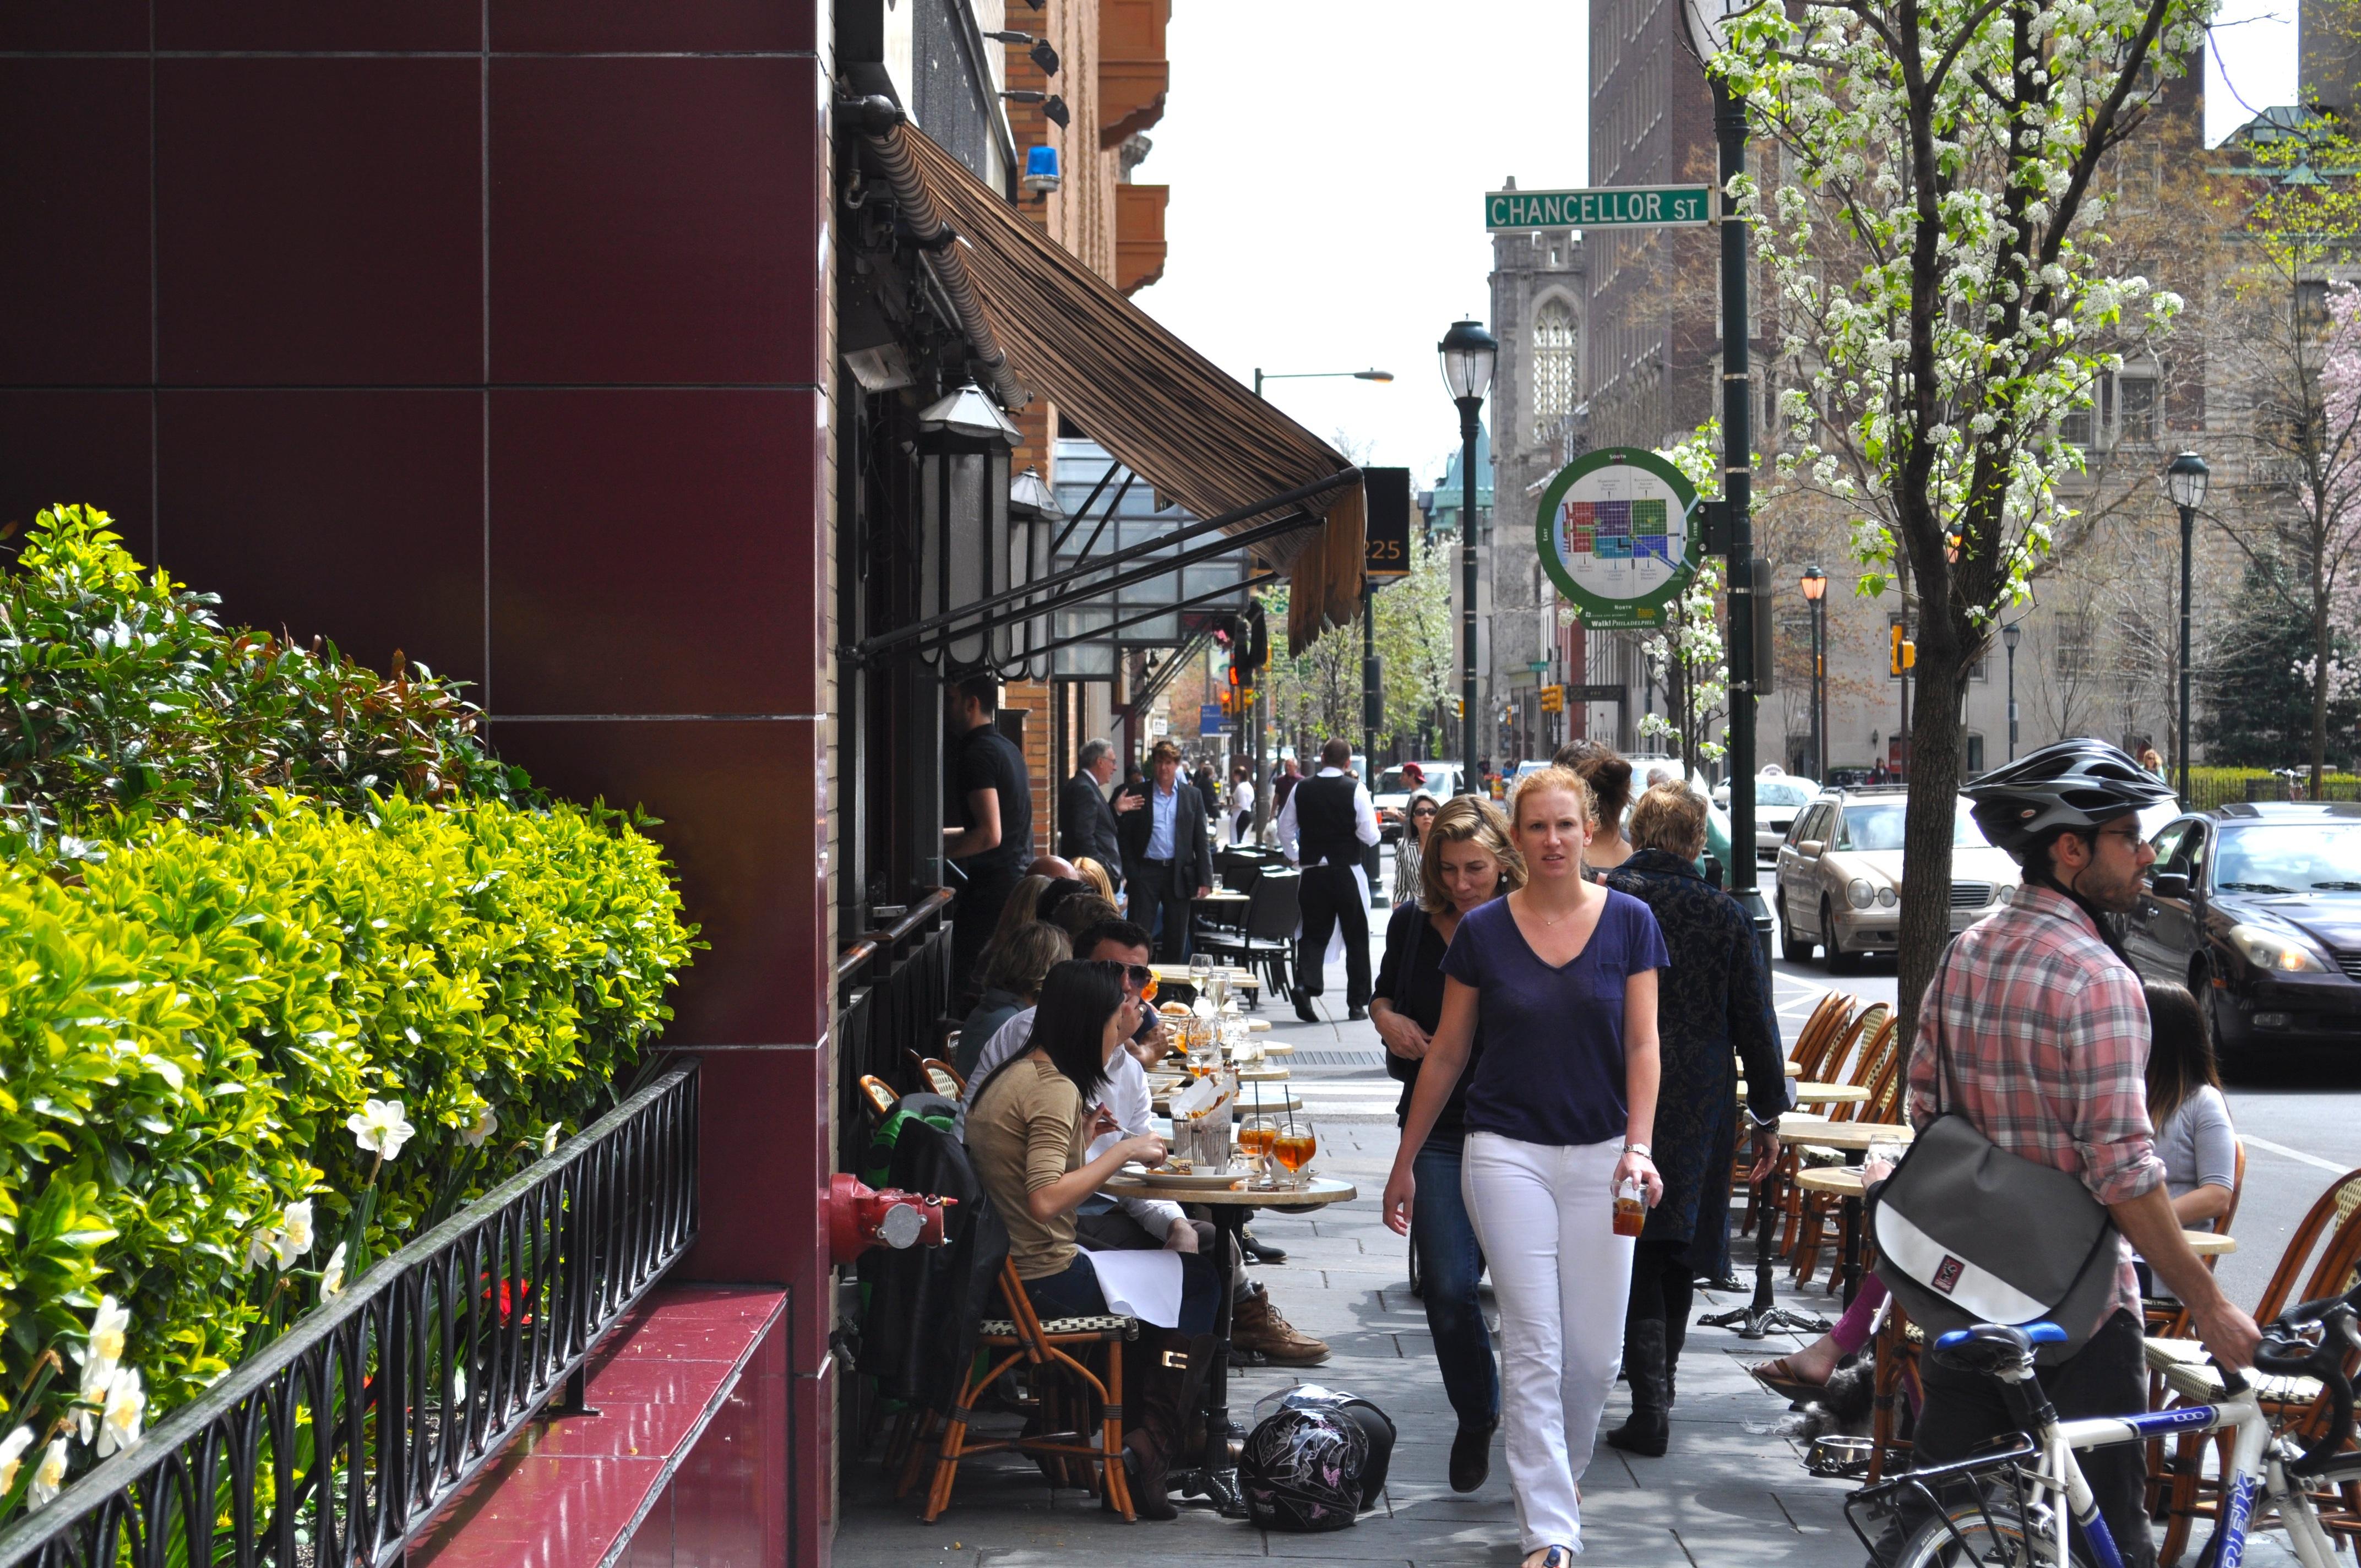 Photo of people walking through downtown Philadelphia